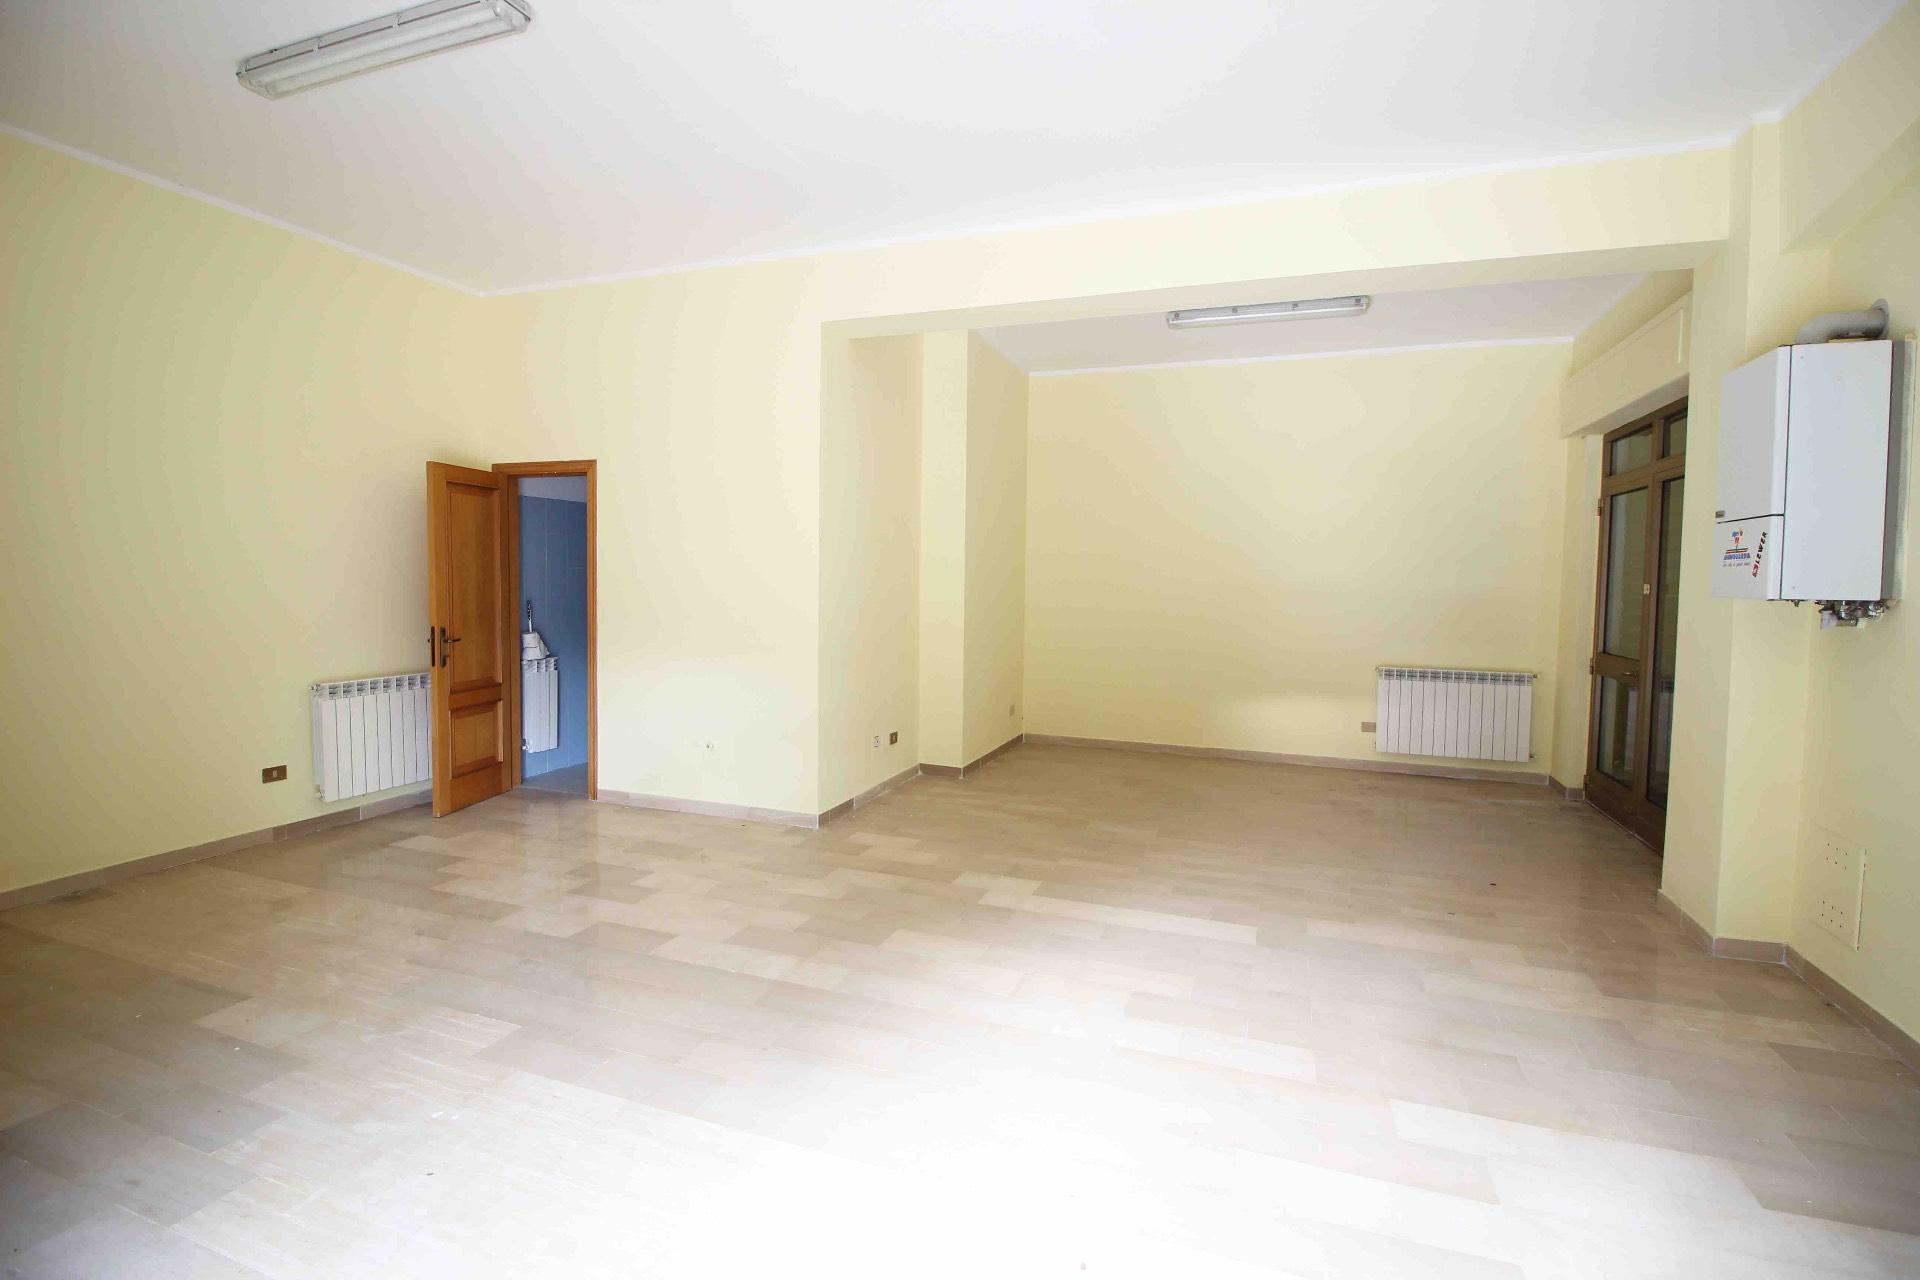 Negozio / Locale in affitto a L'Aquila, 9999 locali, zona Zona: Torrione, prezzo € 85.000 | CambioCasa.it